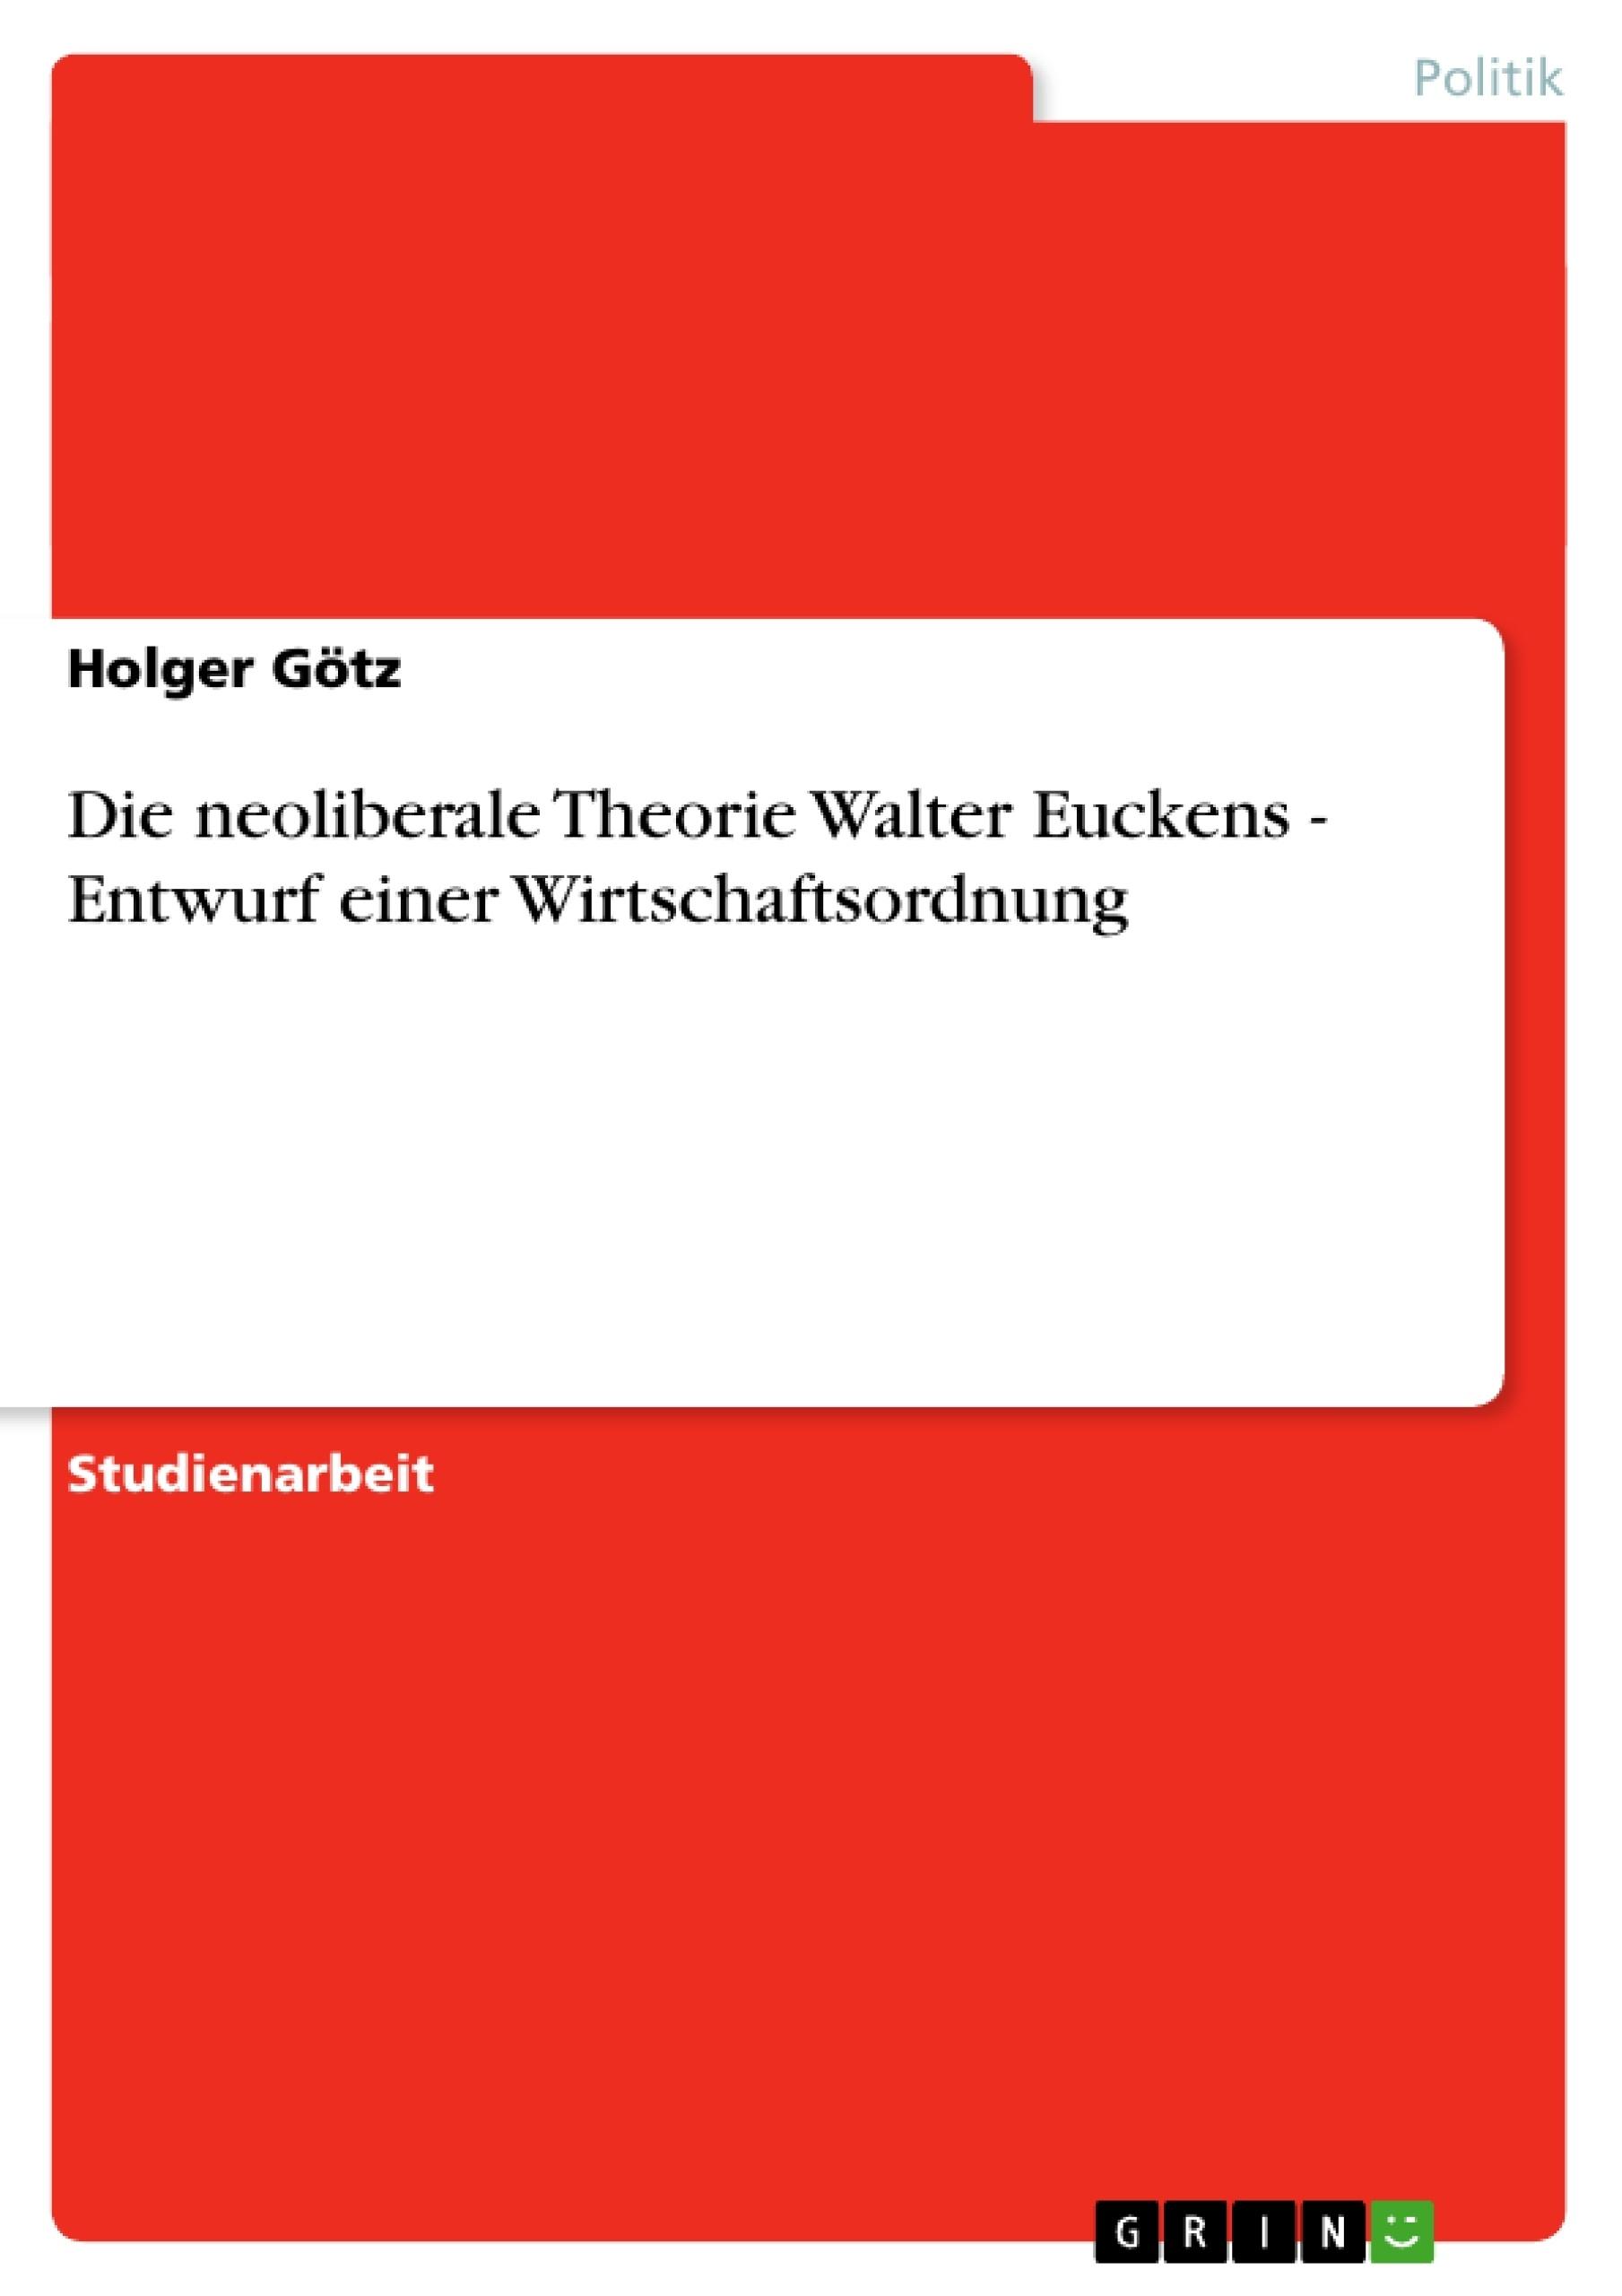 Titel: Die neoliberale Theorie Walter Euckens - Entwurf einer Wirtschaftsordnung